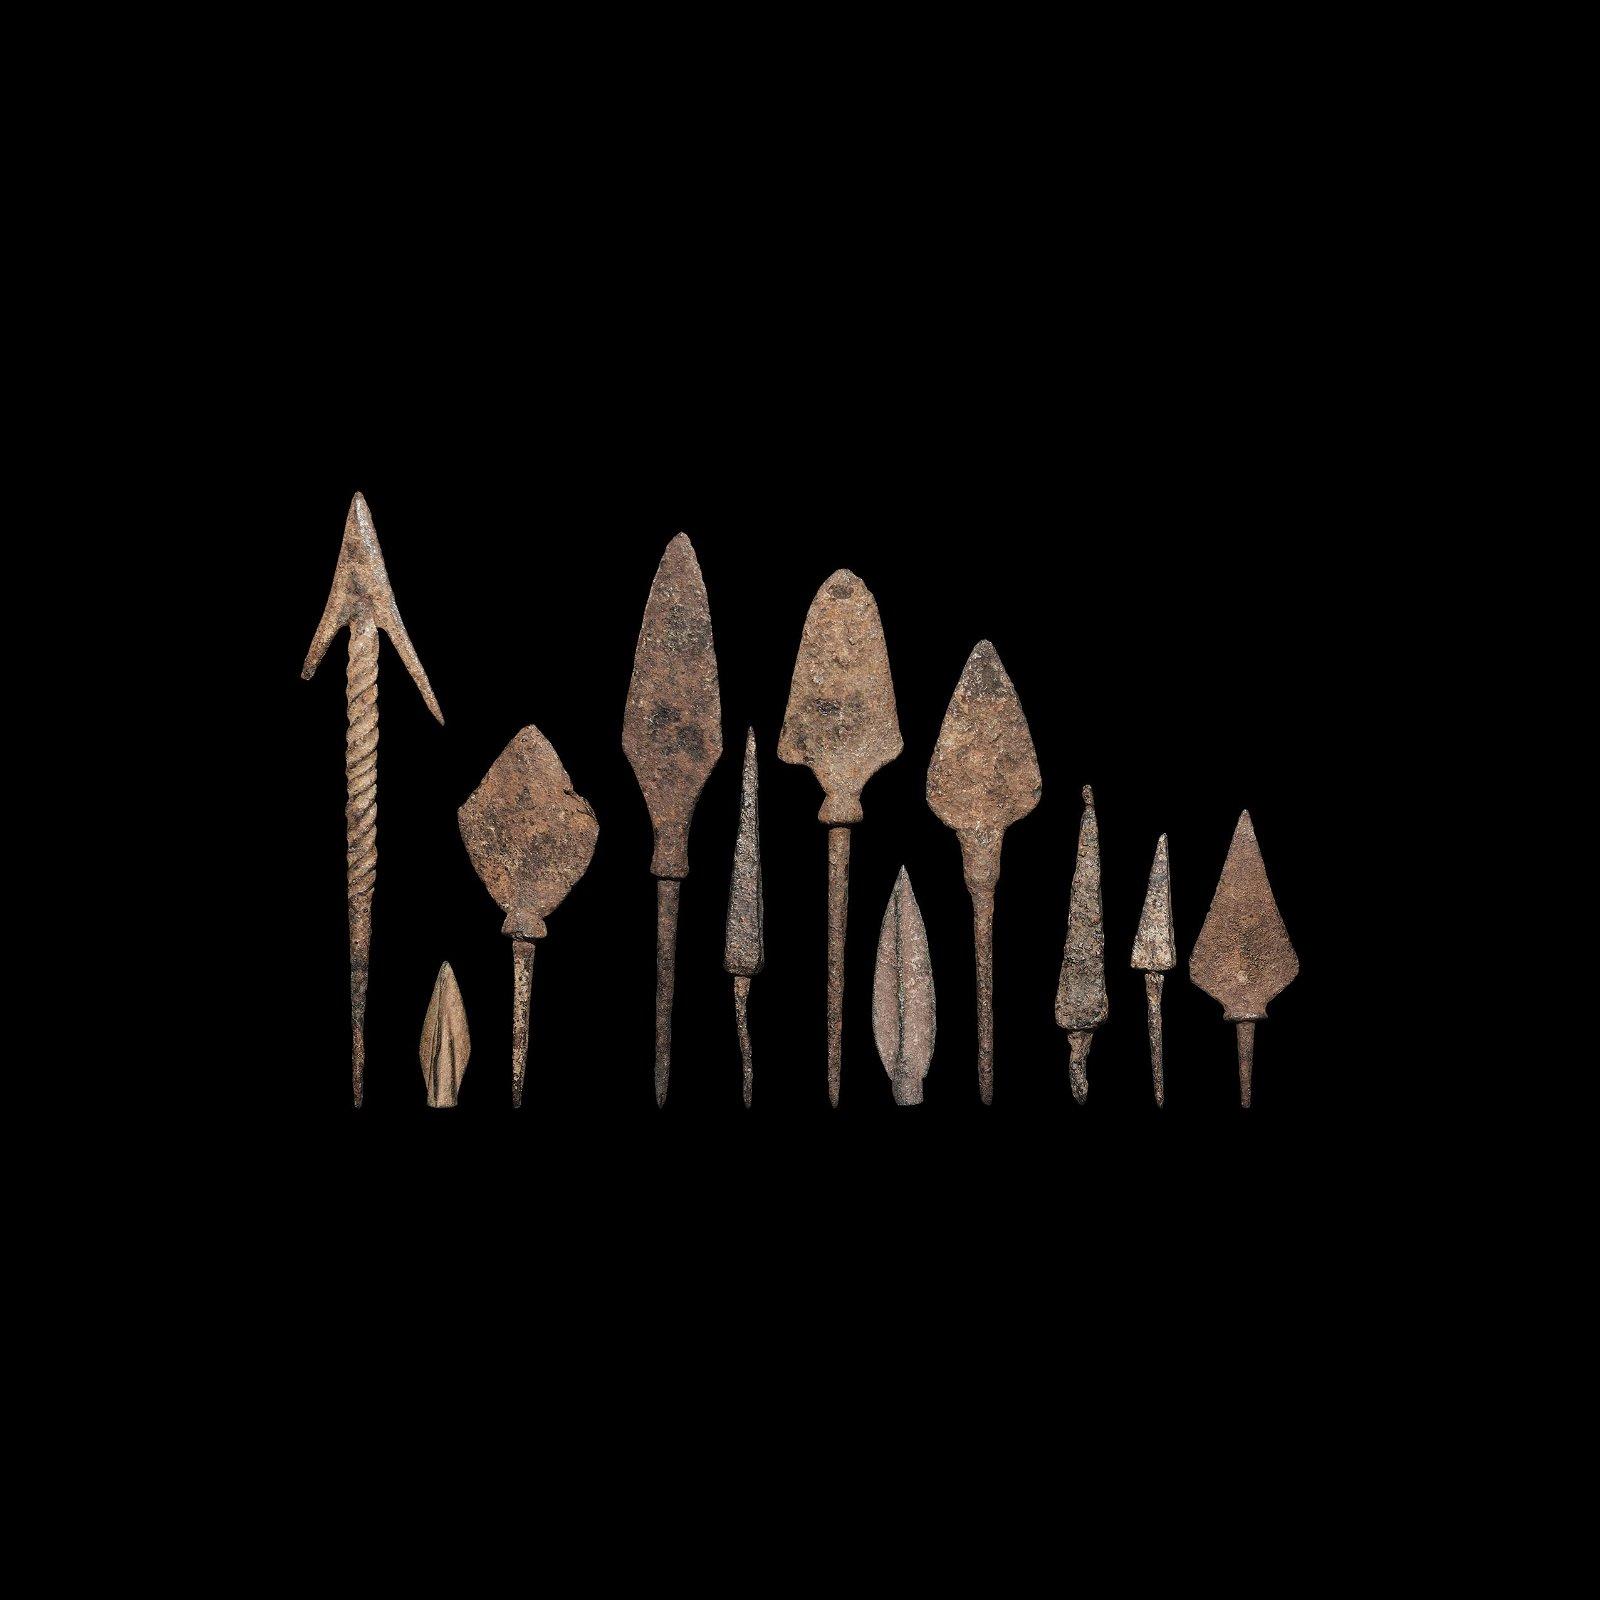 Medieval Arrowhead Group